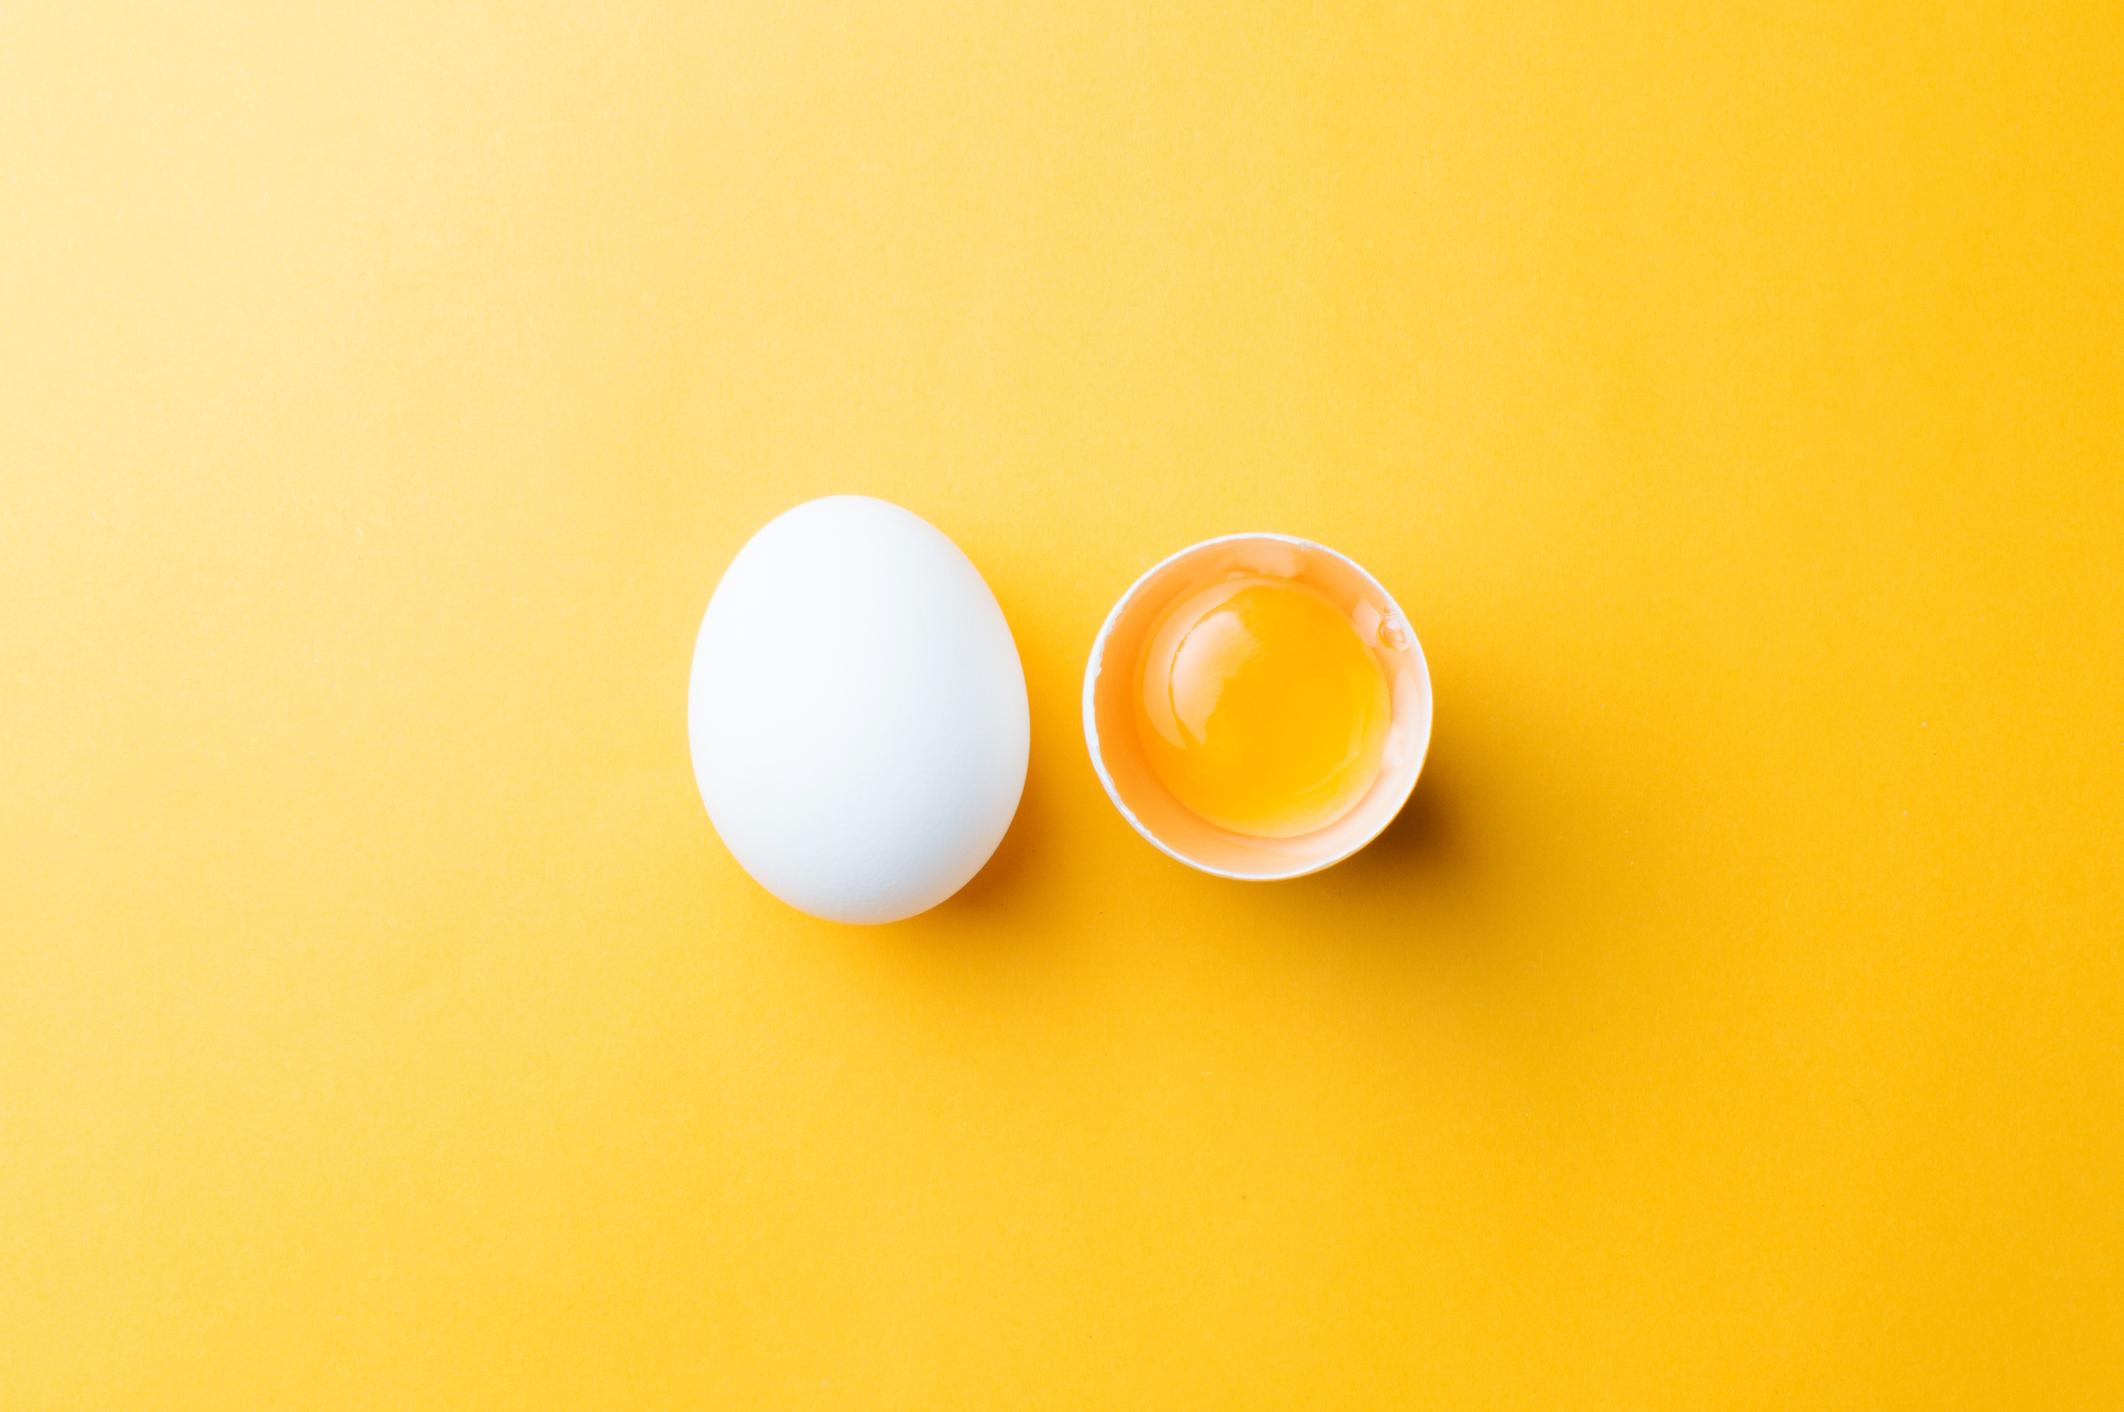 dimagrire con la dieta delle uova